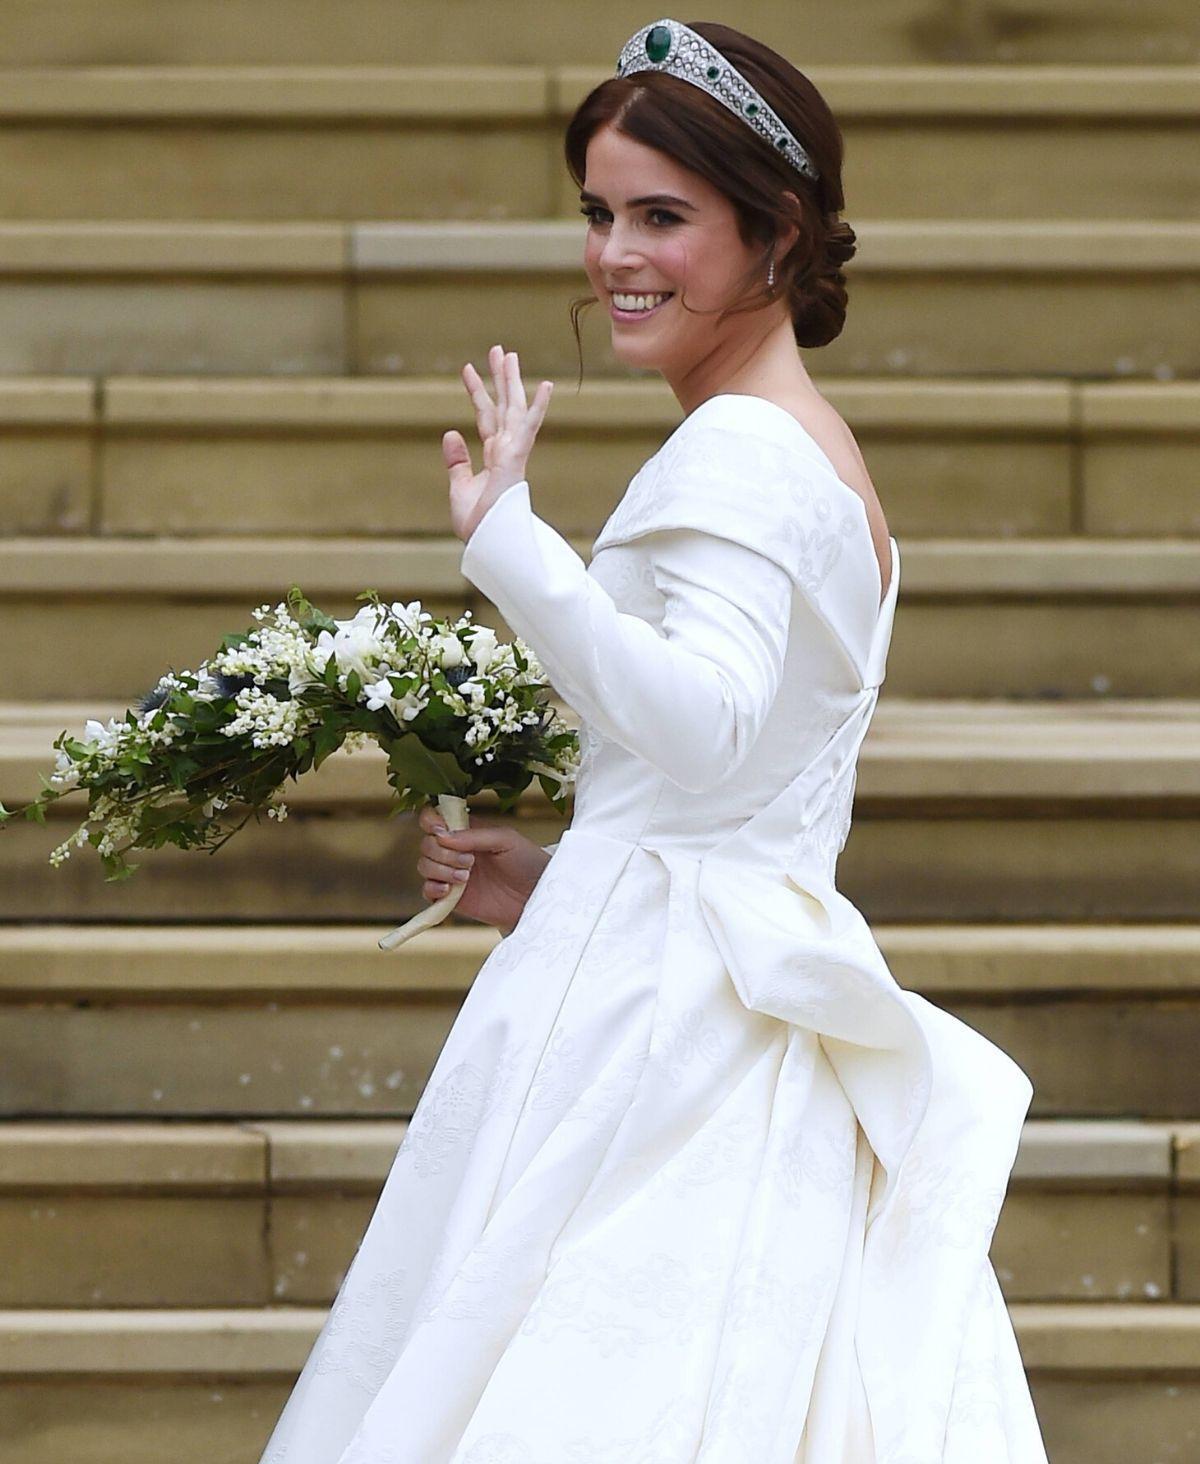 Prinzessin Eugenie ist jetzt 30!